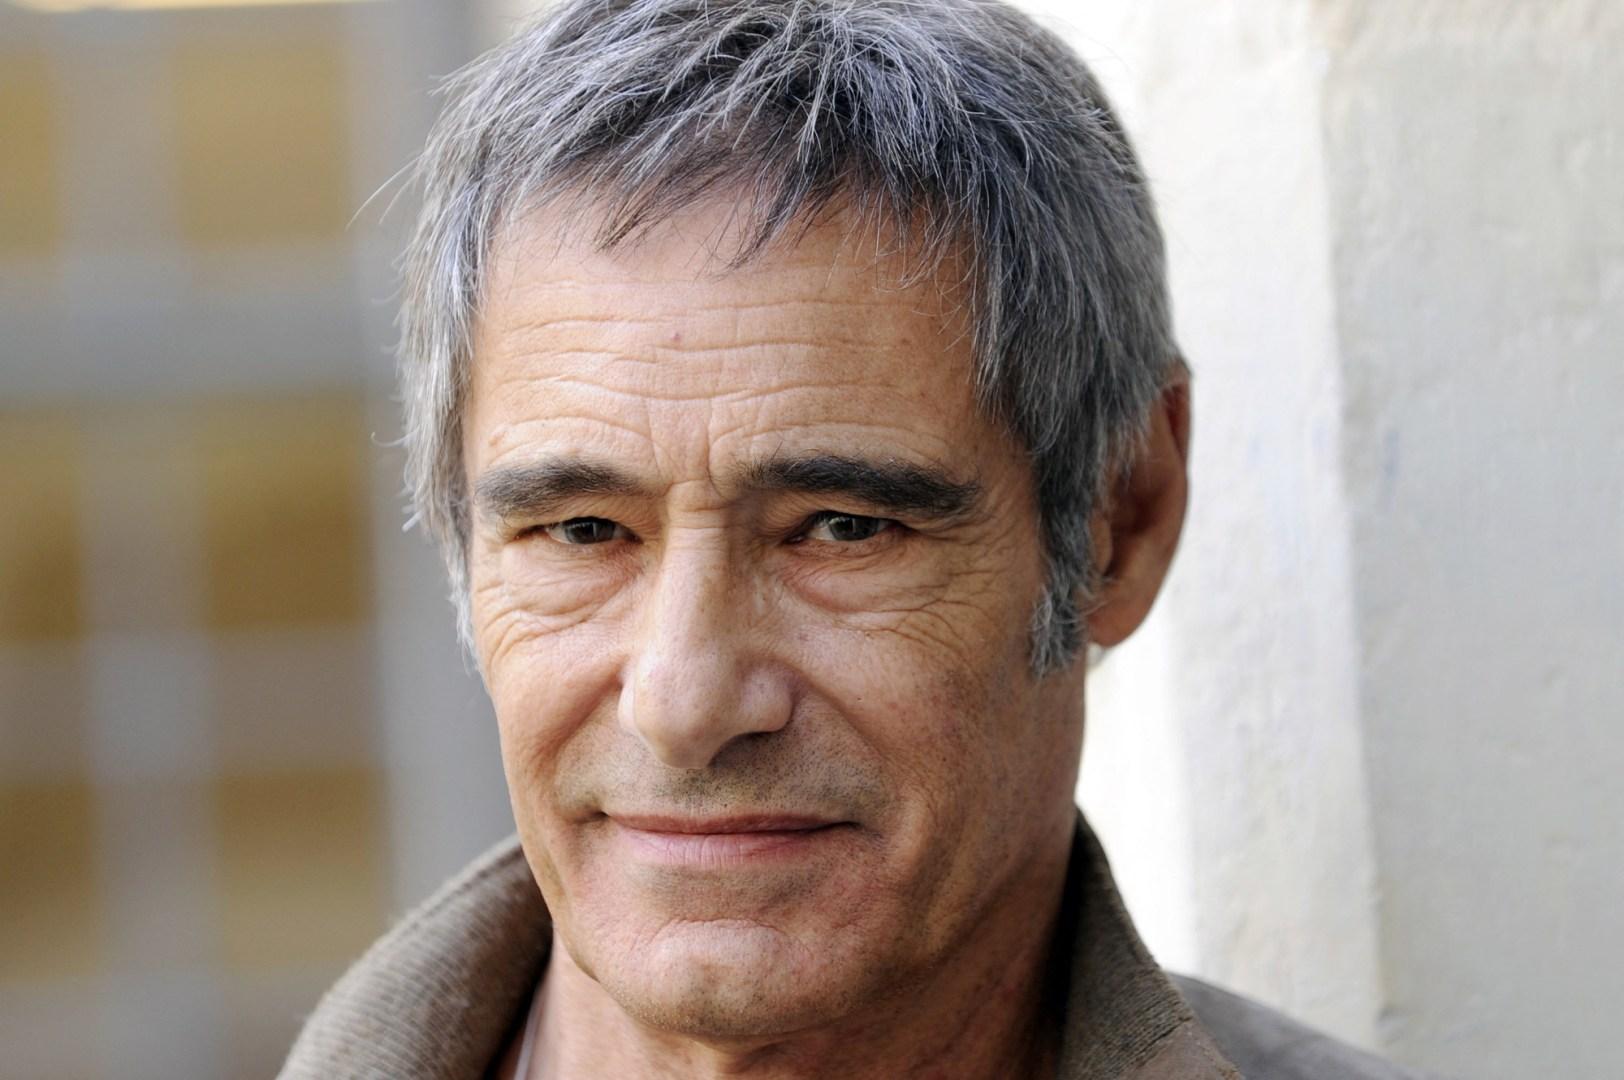 Gérard Lanvin exilé fiscal ? Le comédien met les choses au clair sur sa vie au Maroc